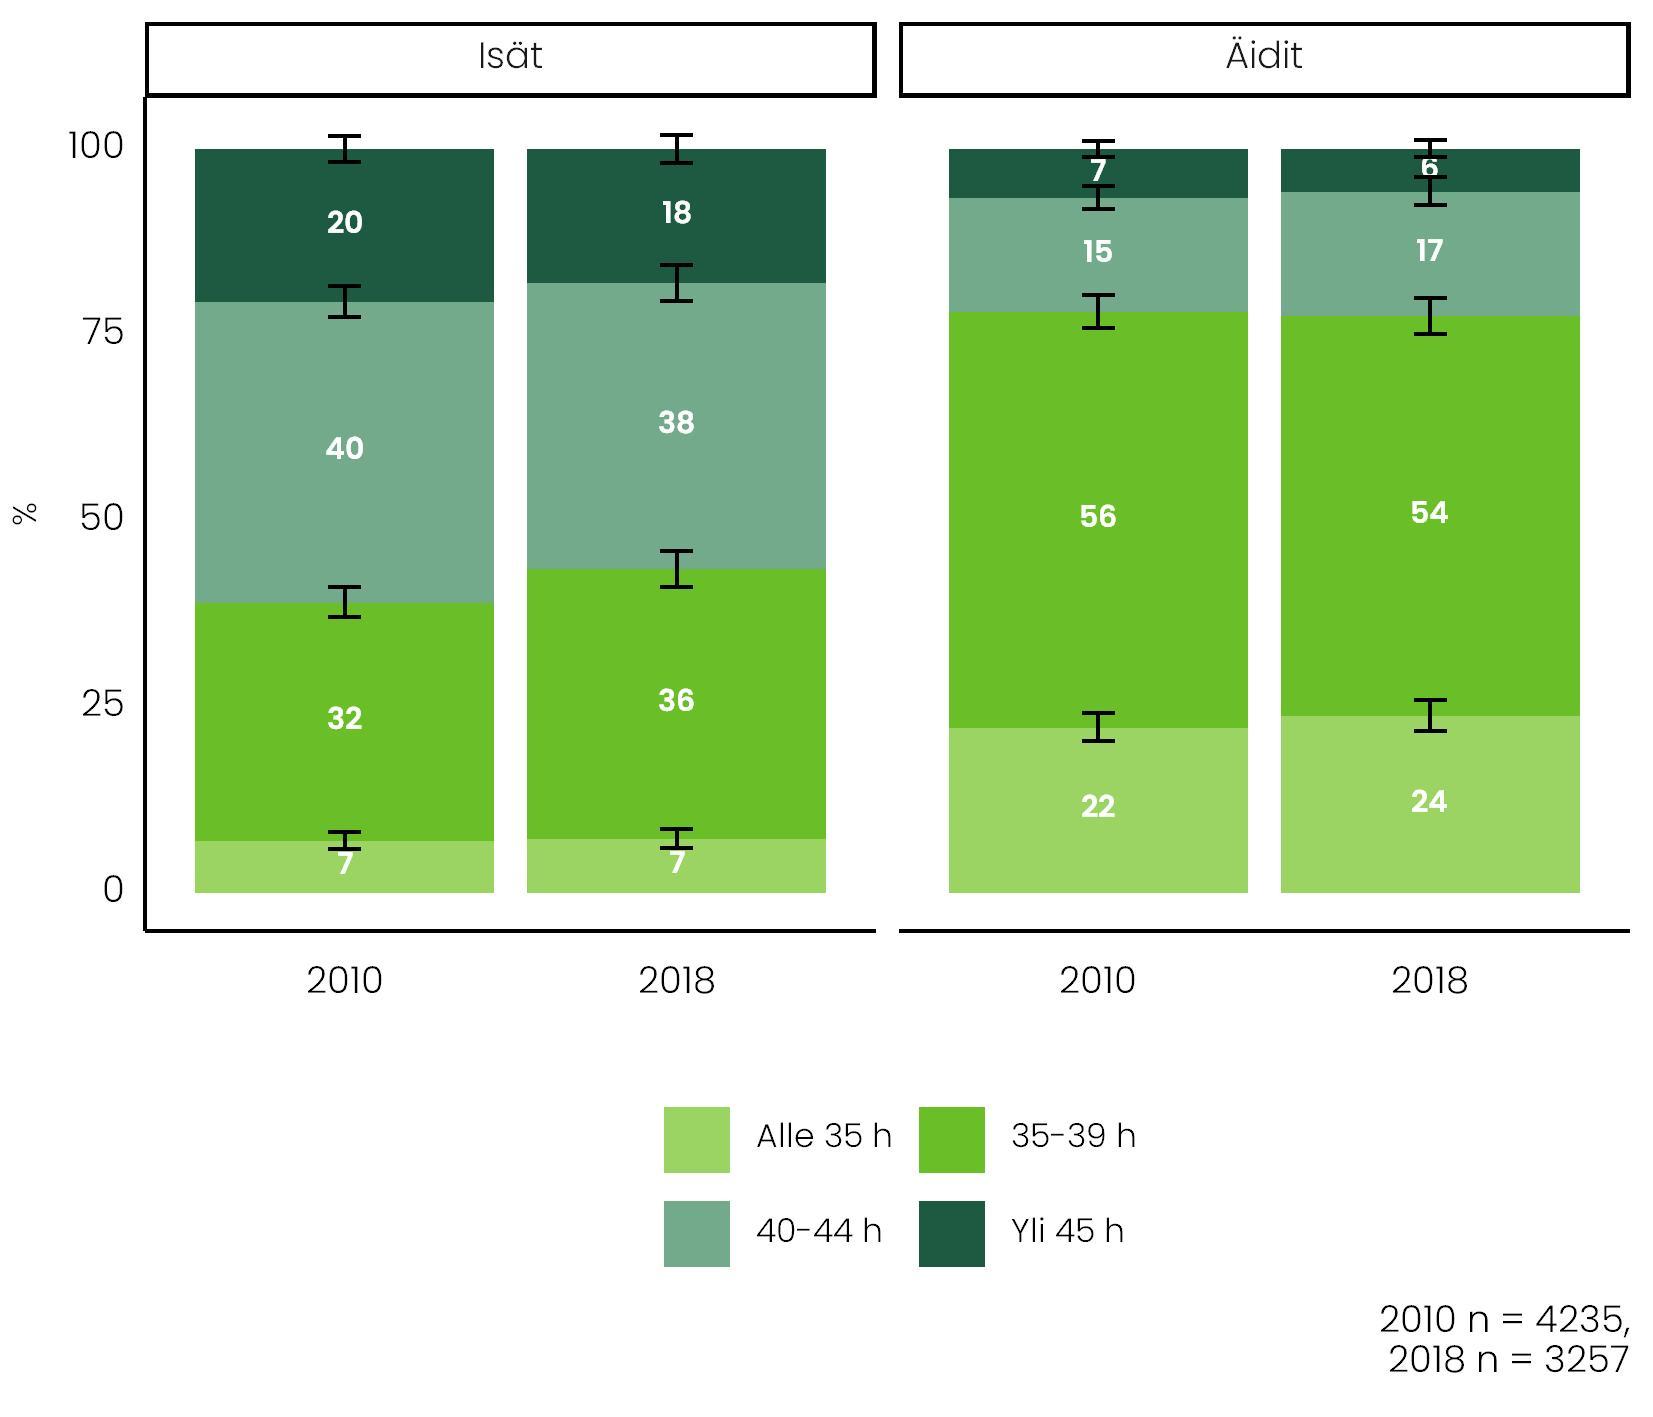 Kuvio näyttää, millaisia eroja äitien ja isien viikkotyöajoissa oli vuosina 2010 ja 2018. Tiedot ovat tekstissä.